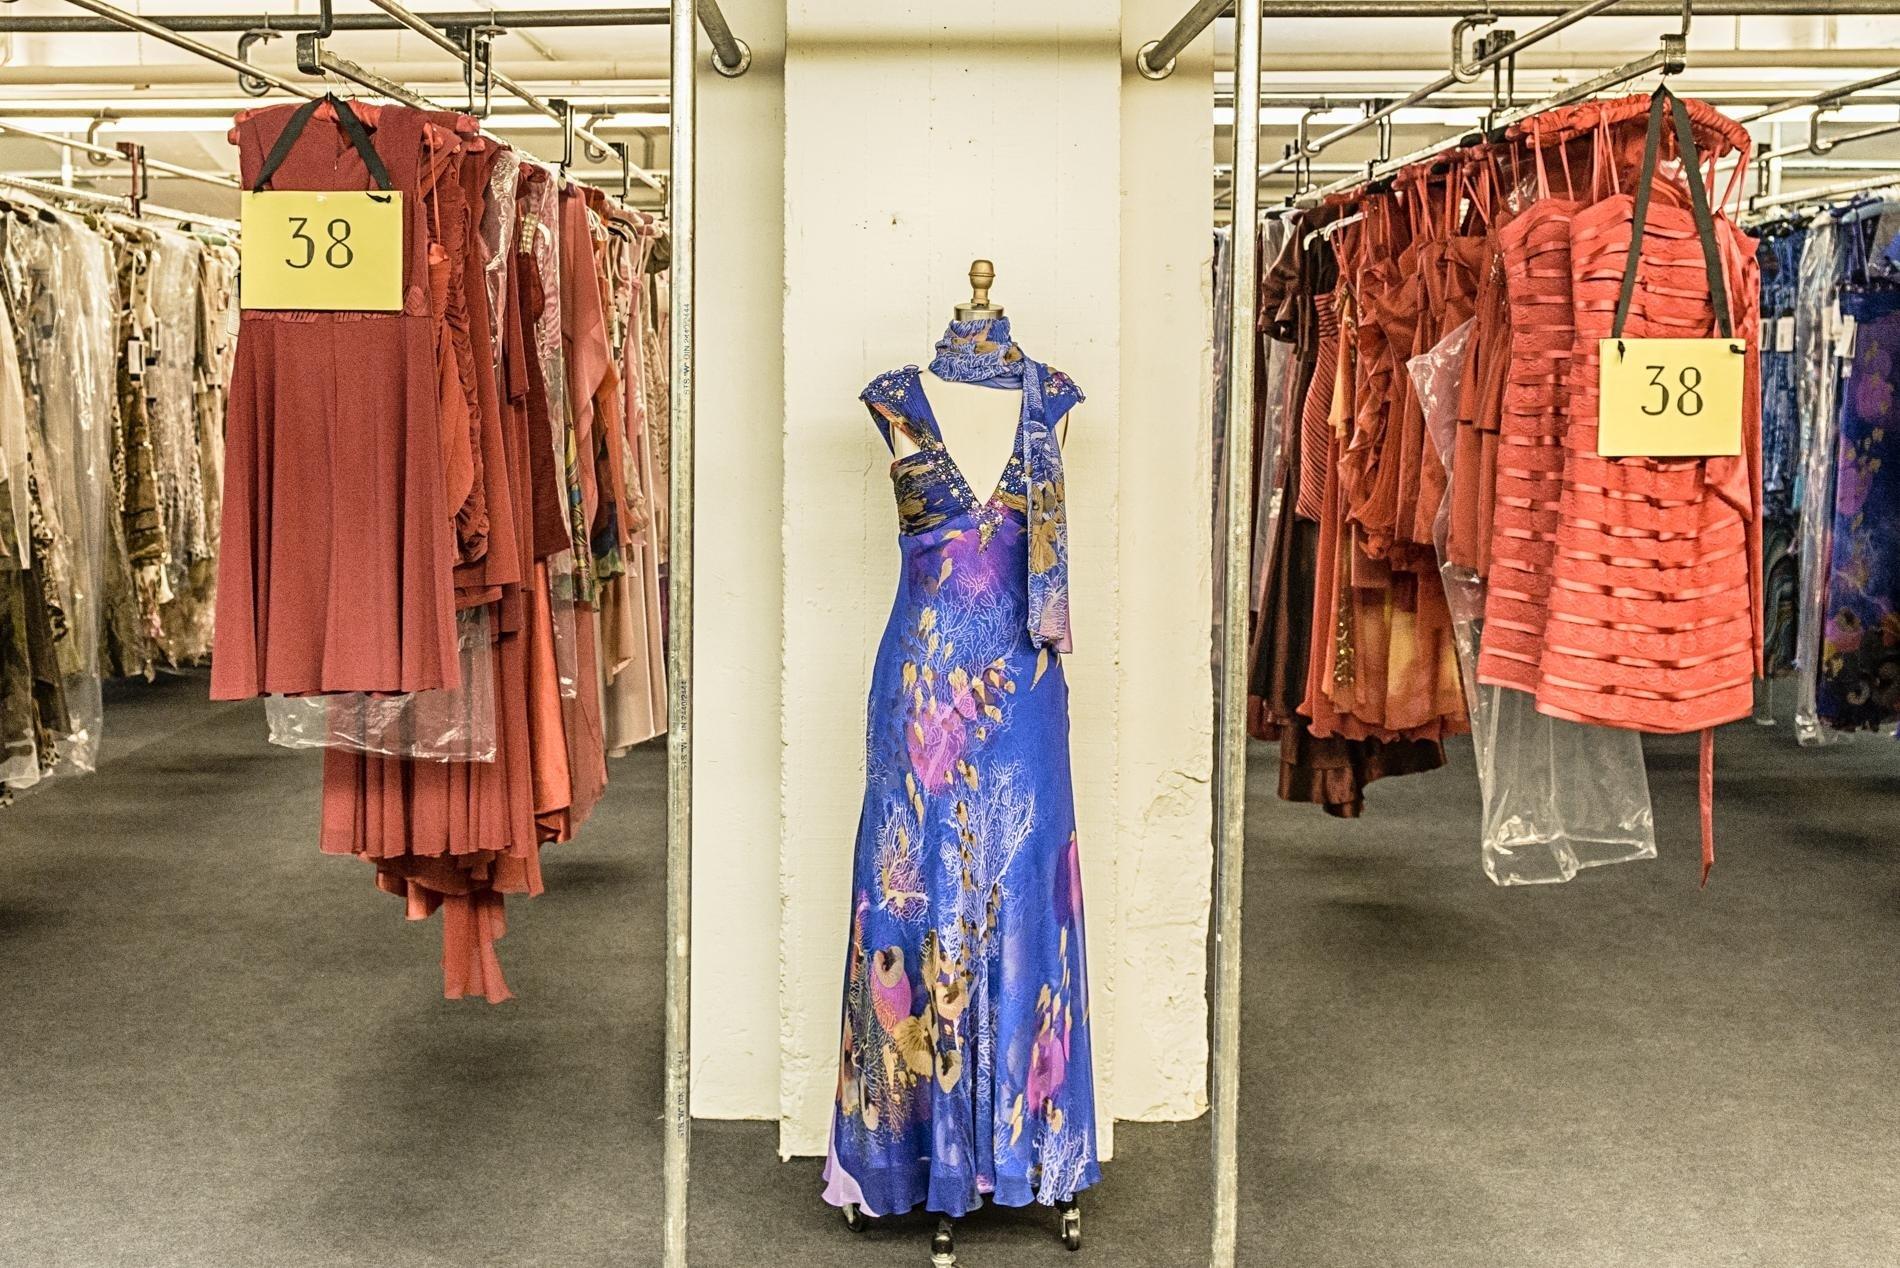 13 Spektakulär Abendkleider Berlin VertriebAbend Genial Abendkleider Berlin Spezialgebiet